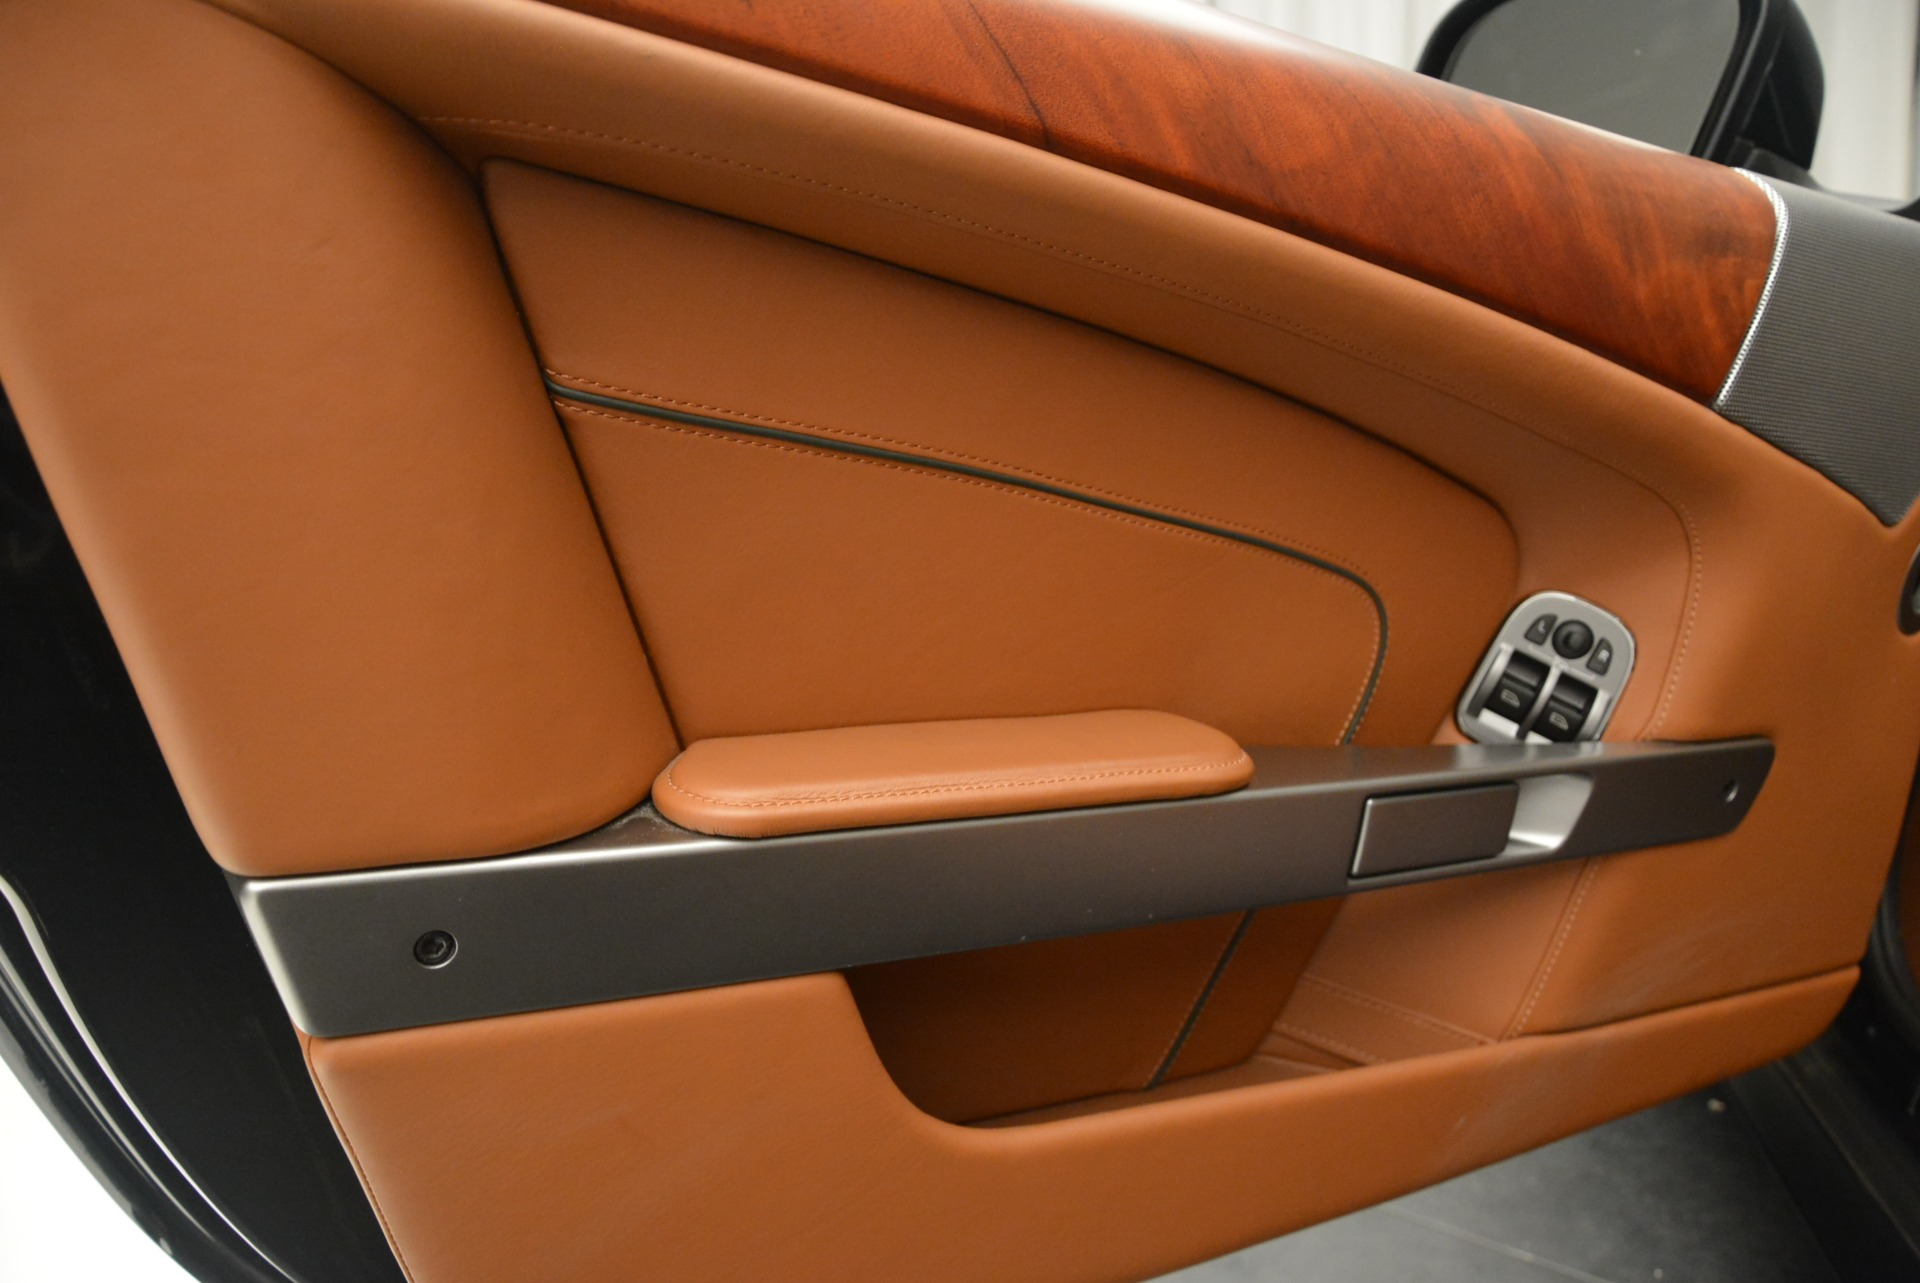 Used 2012 Aston Martin Virage Volante For Sale In Greenwich, CT 2508_p23